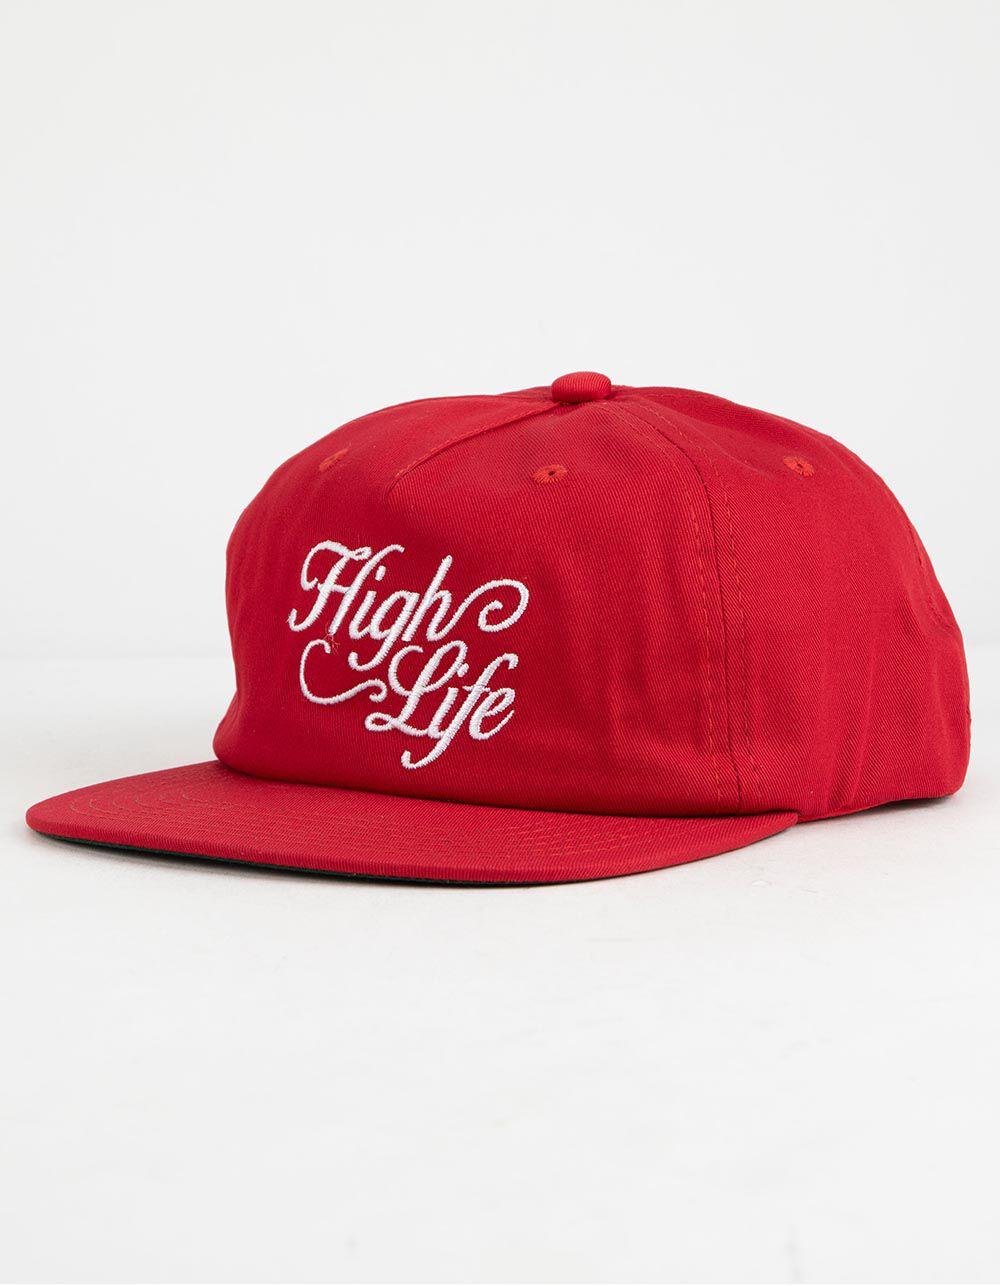 Image of DGK HARVEST RED STRAPBACK HAT